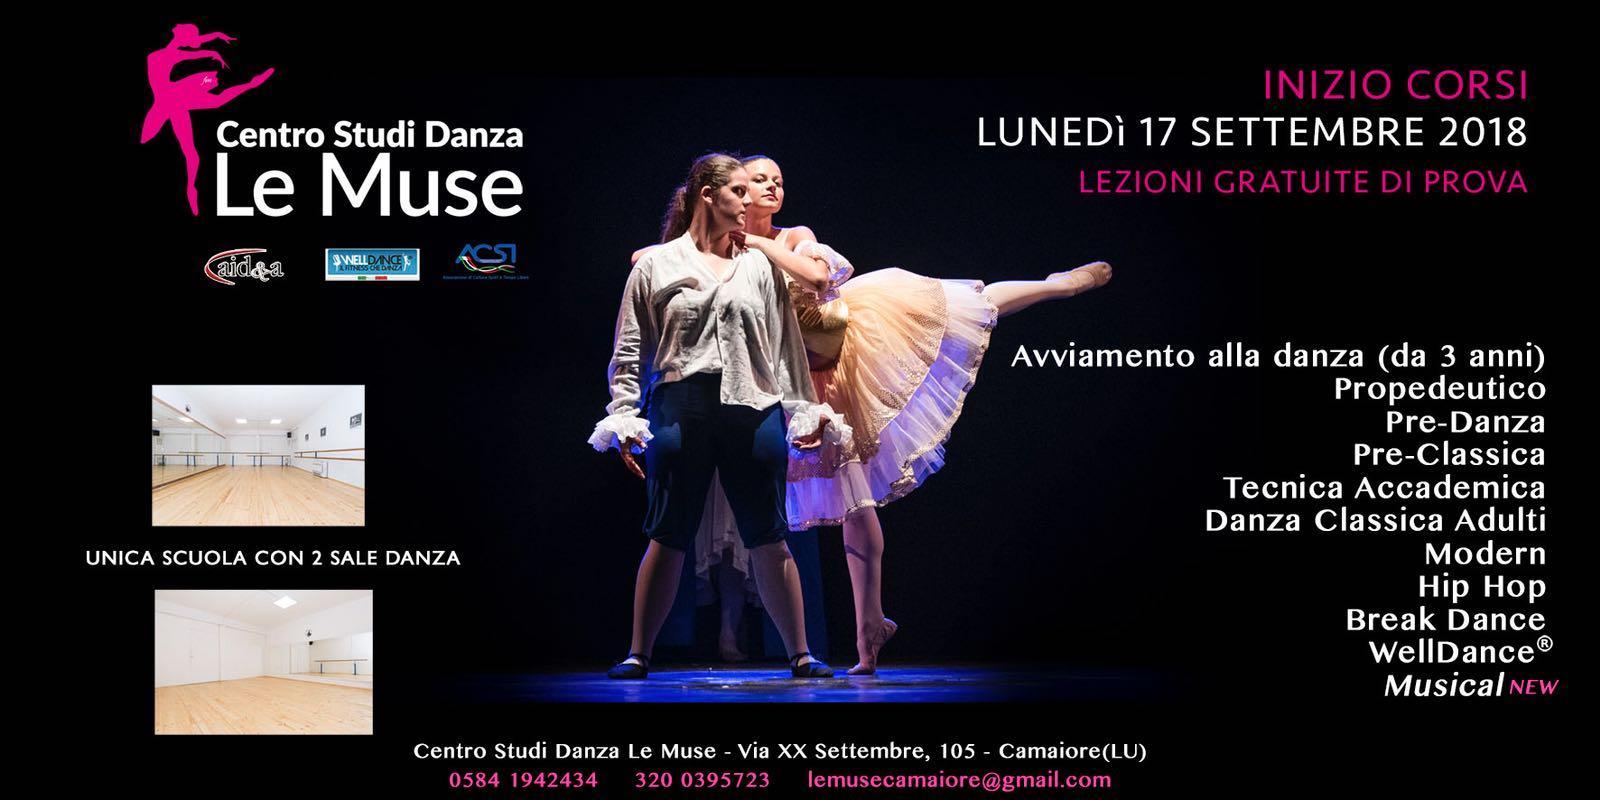 Apre la nuova stagione e il Centro Studi Danza Le Muse si rinnova